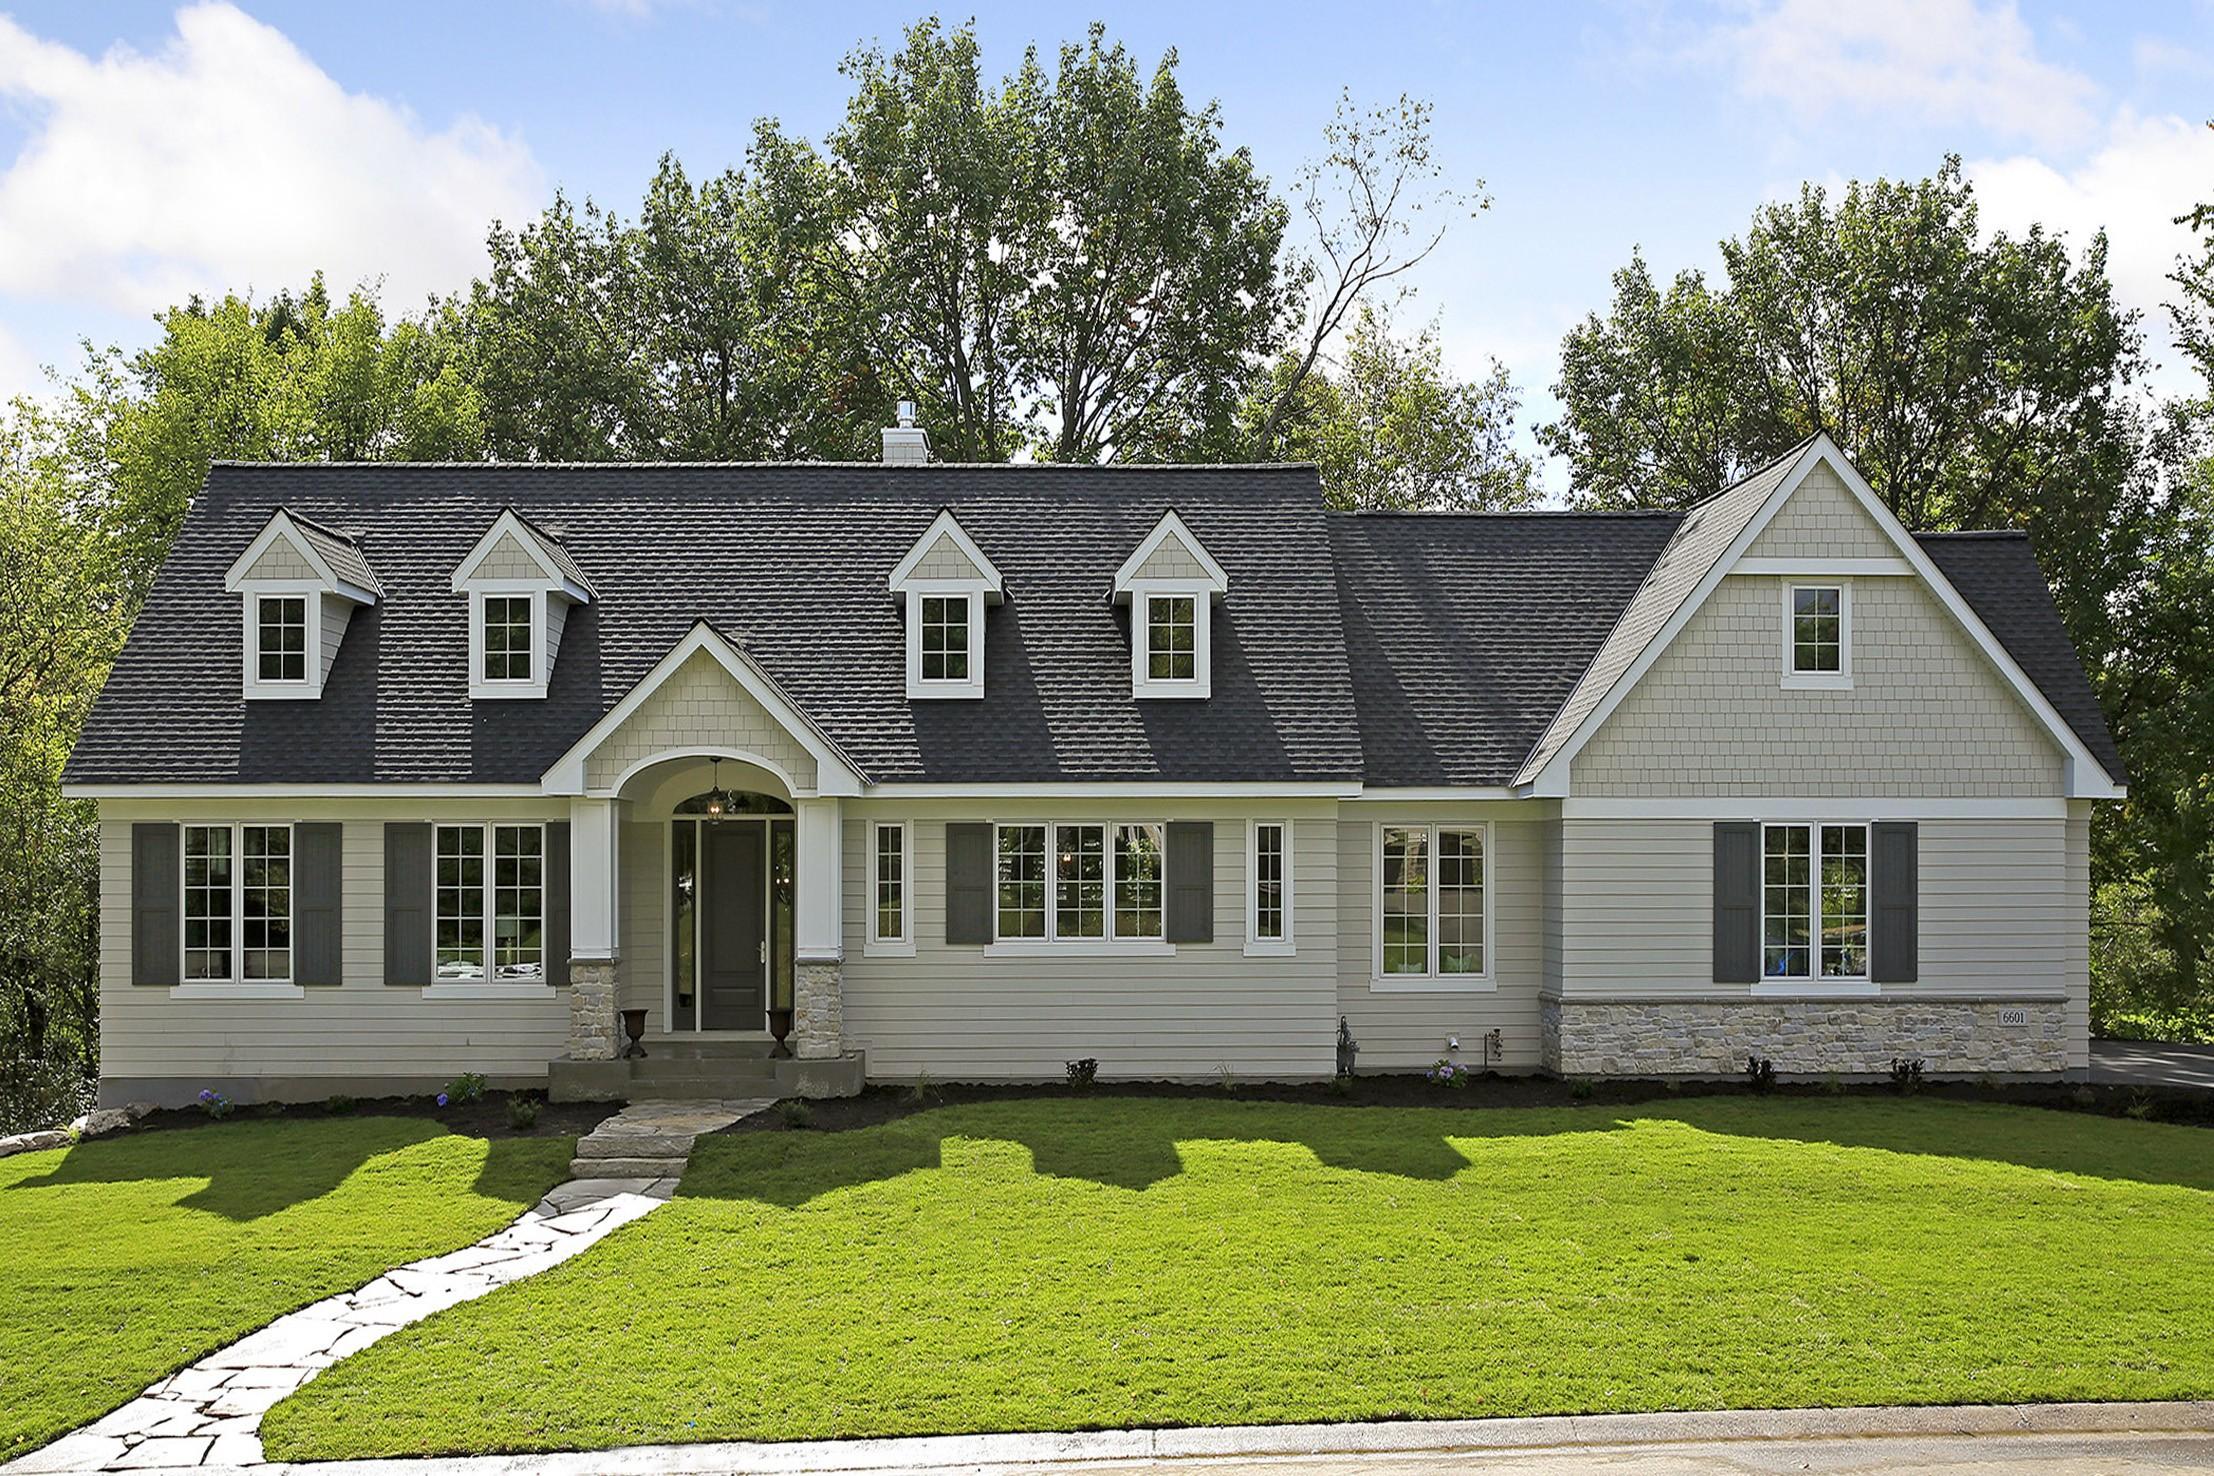 Villa per Vendita alle ore 6601 Interlachen Boulevard Edina, Minnesota, 55436 Stati Uniti